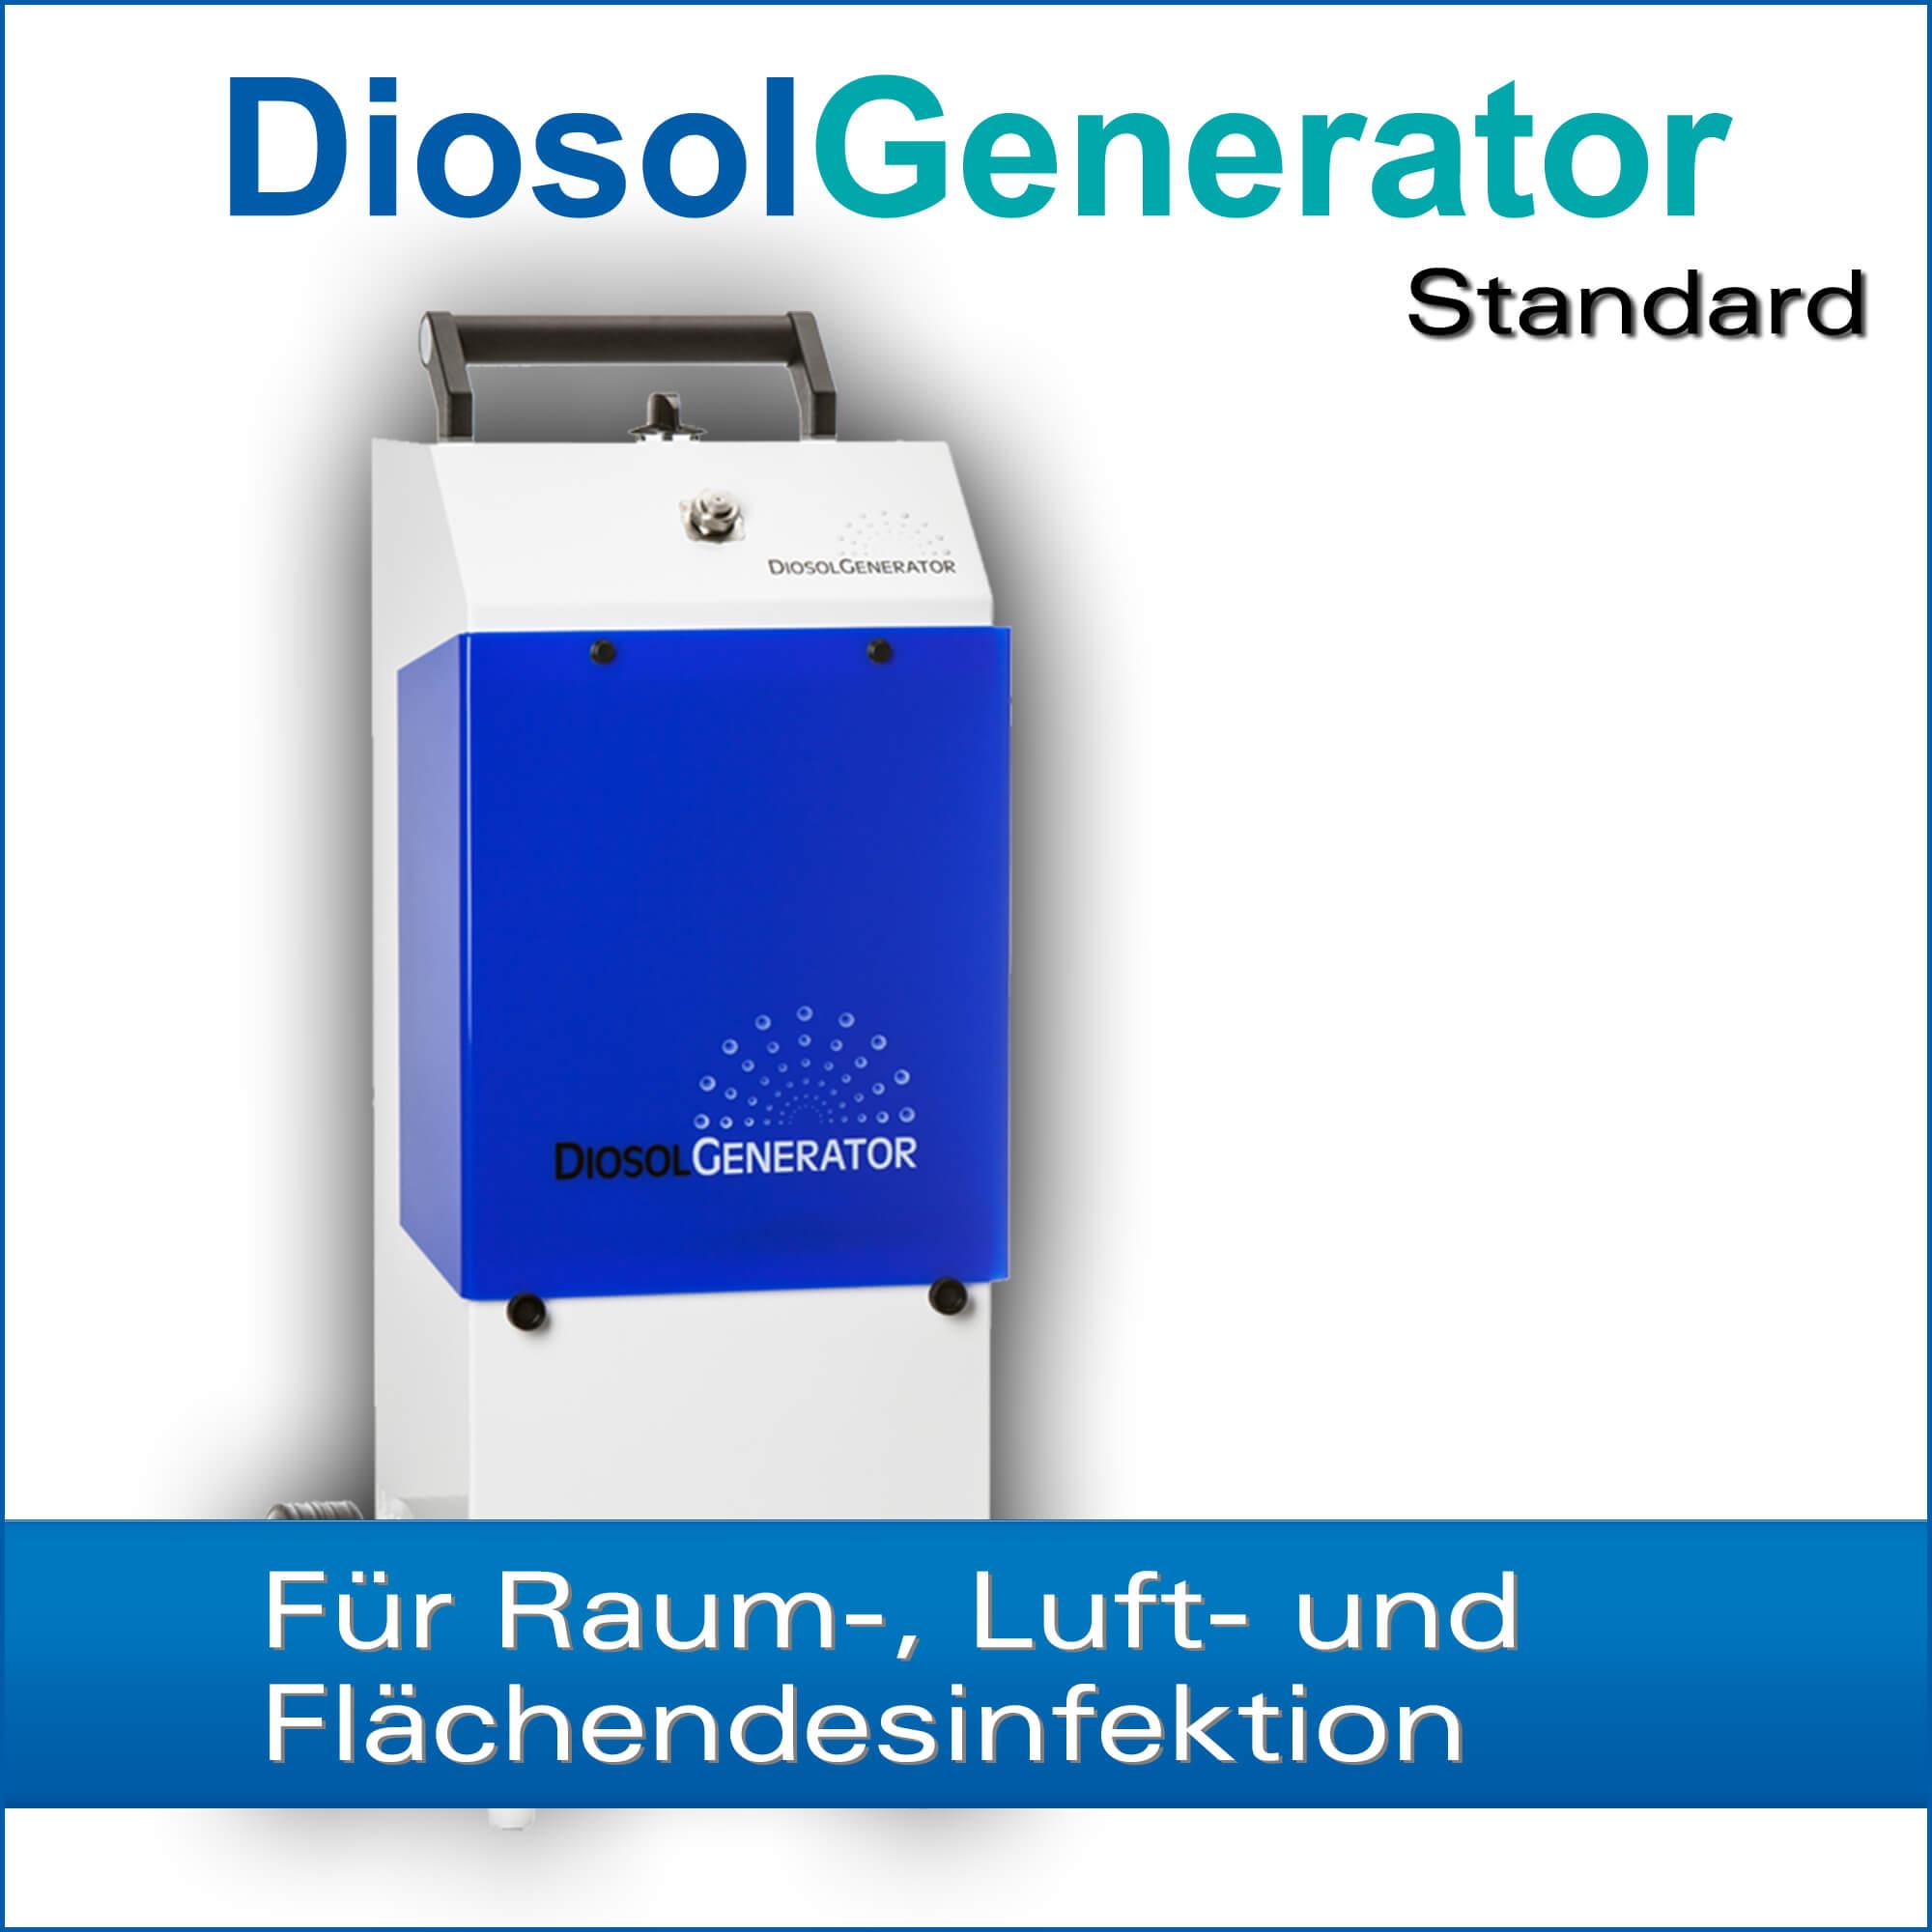 H2O2 Kaltvernebler DiosolGenerator Standard